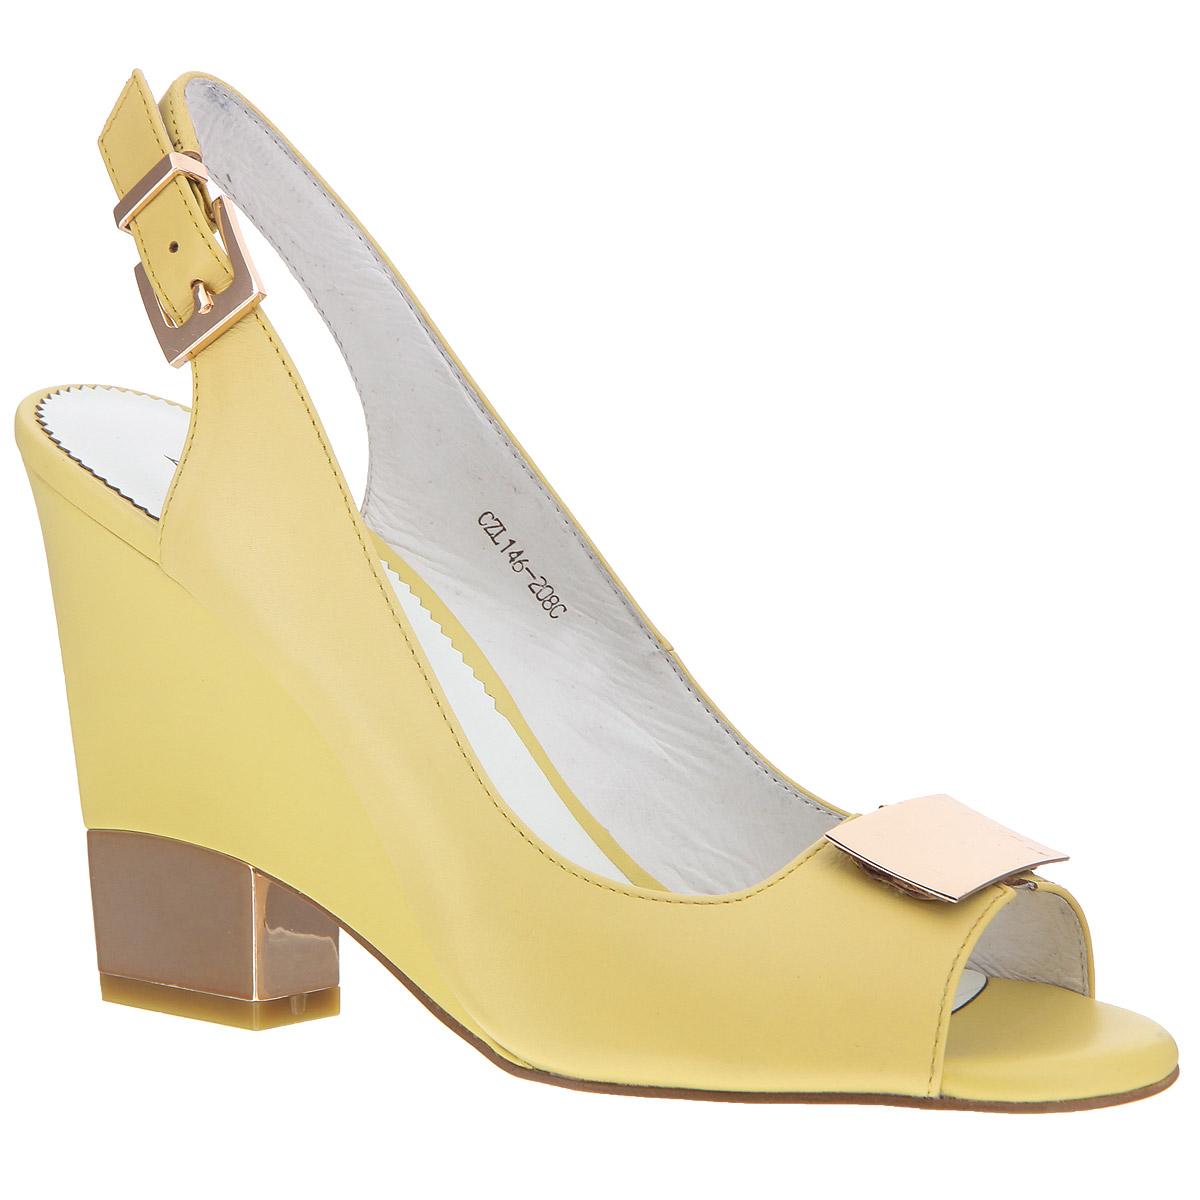 CZL146-208CСтильные босоножки на каблуке от Lisette станут прекрасным дополнением летнего гардероба. Верх модели выполнен из натуральной кожи. Мысок декорирован металлической пластиной. Внутренняя часть и стелька из натуральной кожи гарантируют комфорт и удобство. Пятка и носок открыты. Ремешок с металлической пряжкой надежно фиксирует модель на ноге. Над невысоким каблуком, стилизованным под металлический, имеется вставка-танкетка. Подошва выполнена из прочной резины с нескользящим рифлением. Такие босоножки сделают вас ярче и подчеркнут вашу индивидуальность!